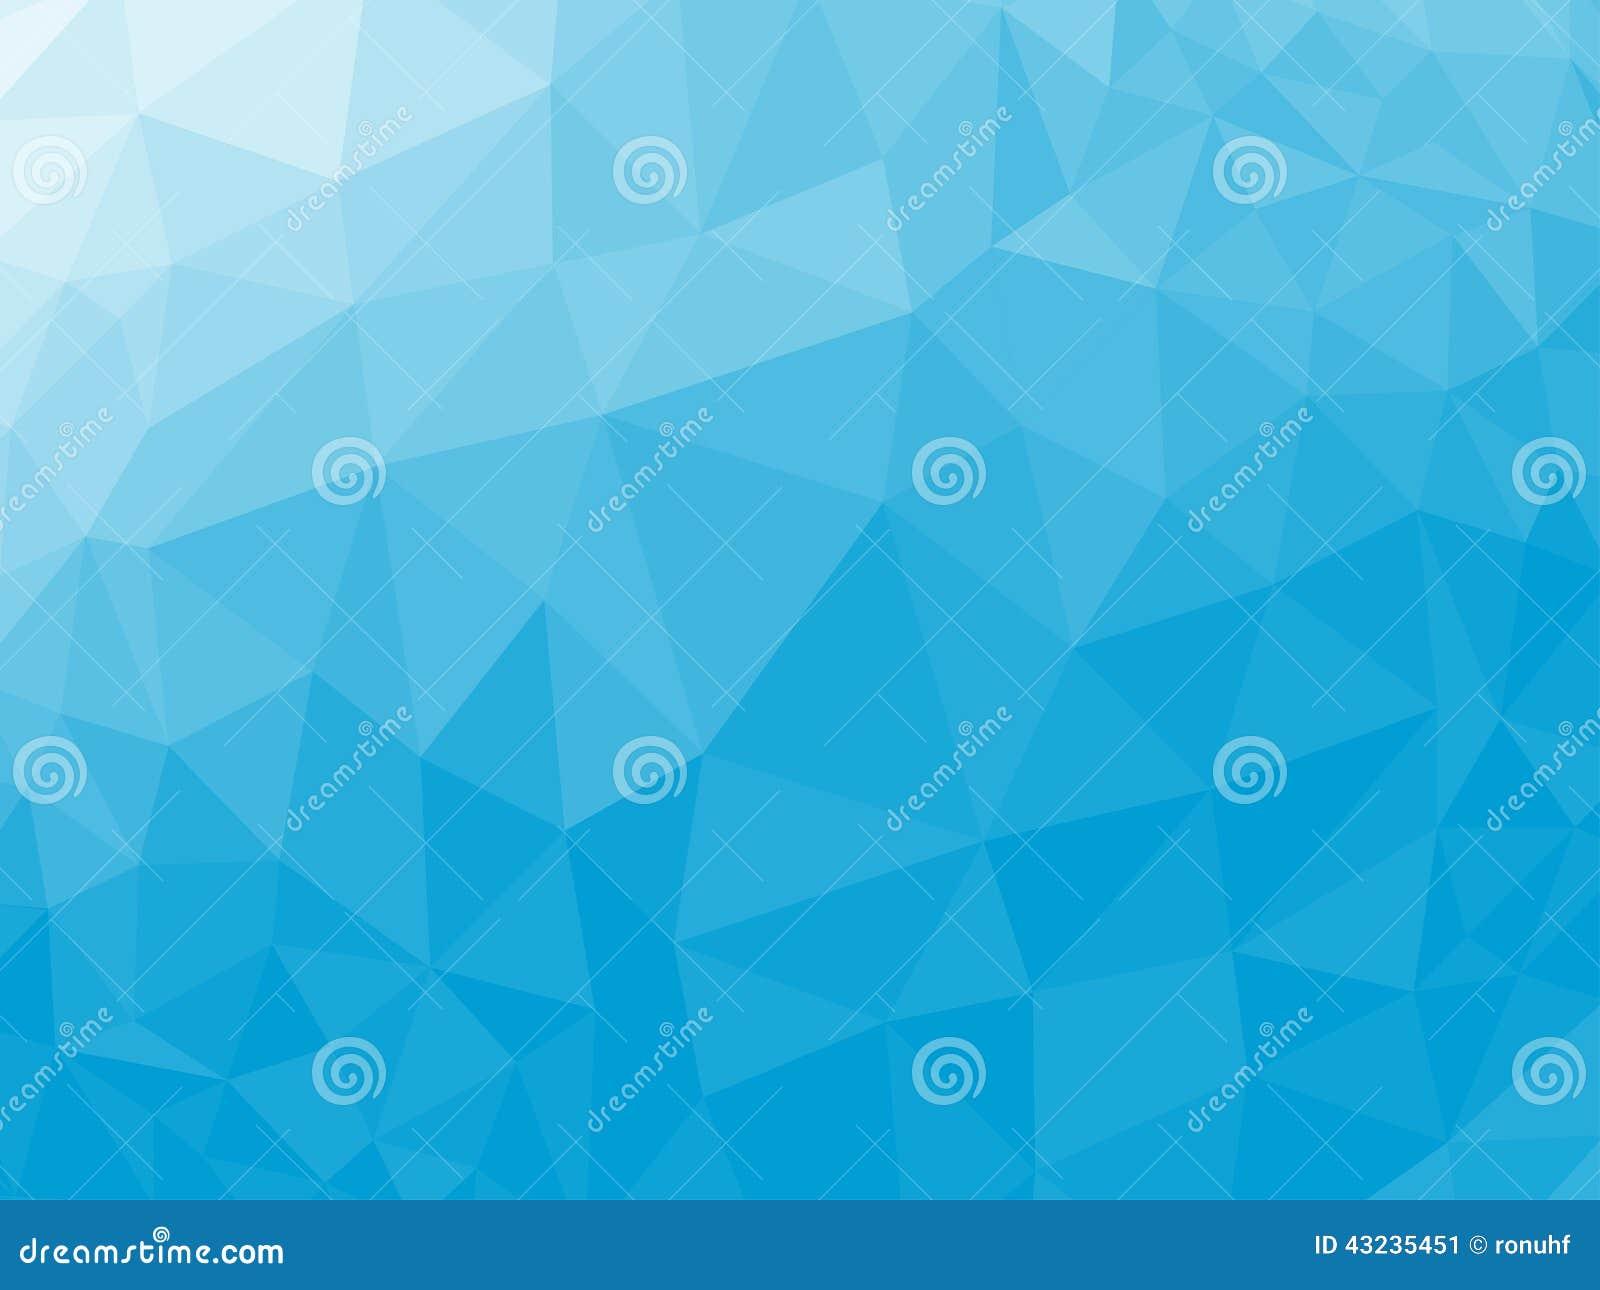 Baixo fundo poli triangular emaranhado geométrico abstrato azul do gráfico da ilustração do vetor do estilo